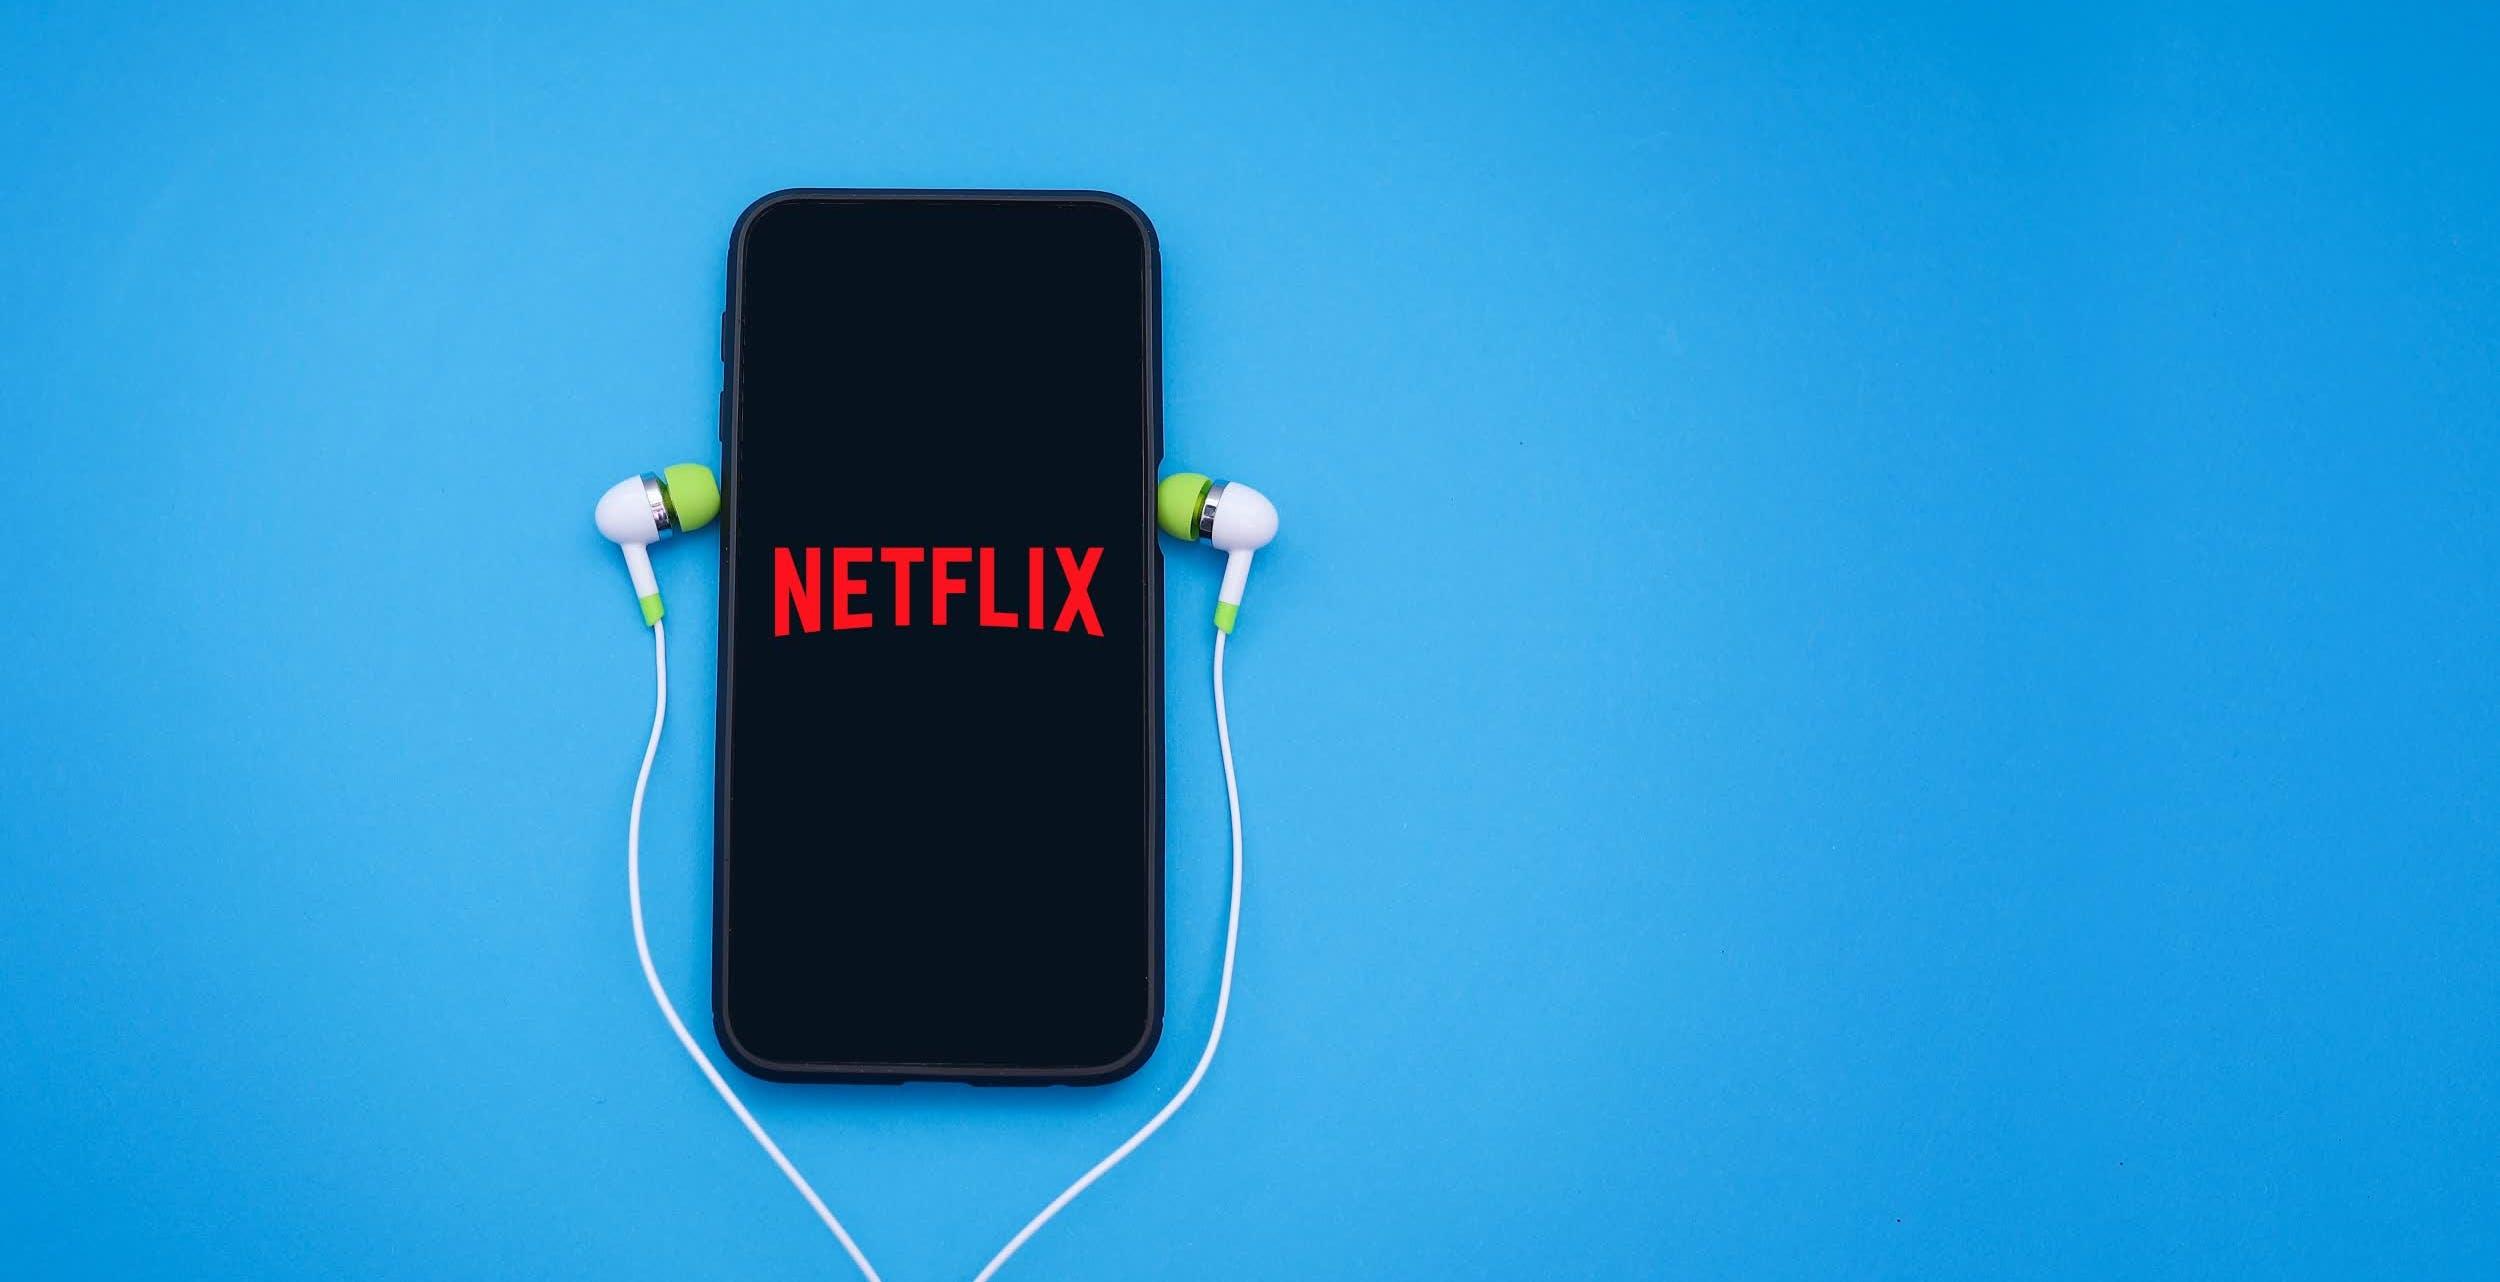 Netflix migliora la qualità audio sui dispositivi Android. Merito del codec xHE-AAC